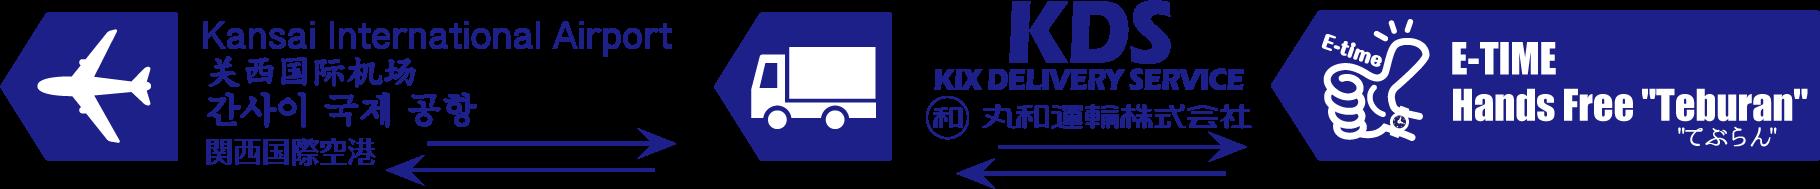 KDSで関西国際空港まで配送いたします。